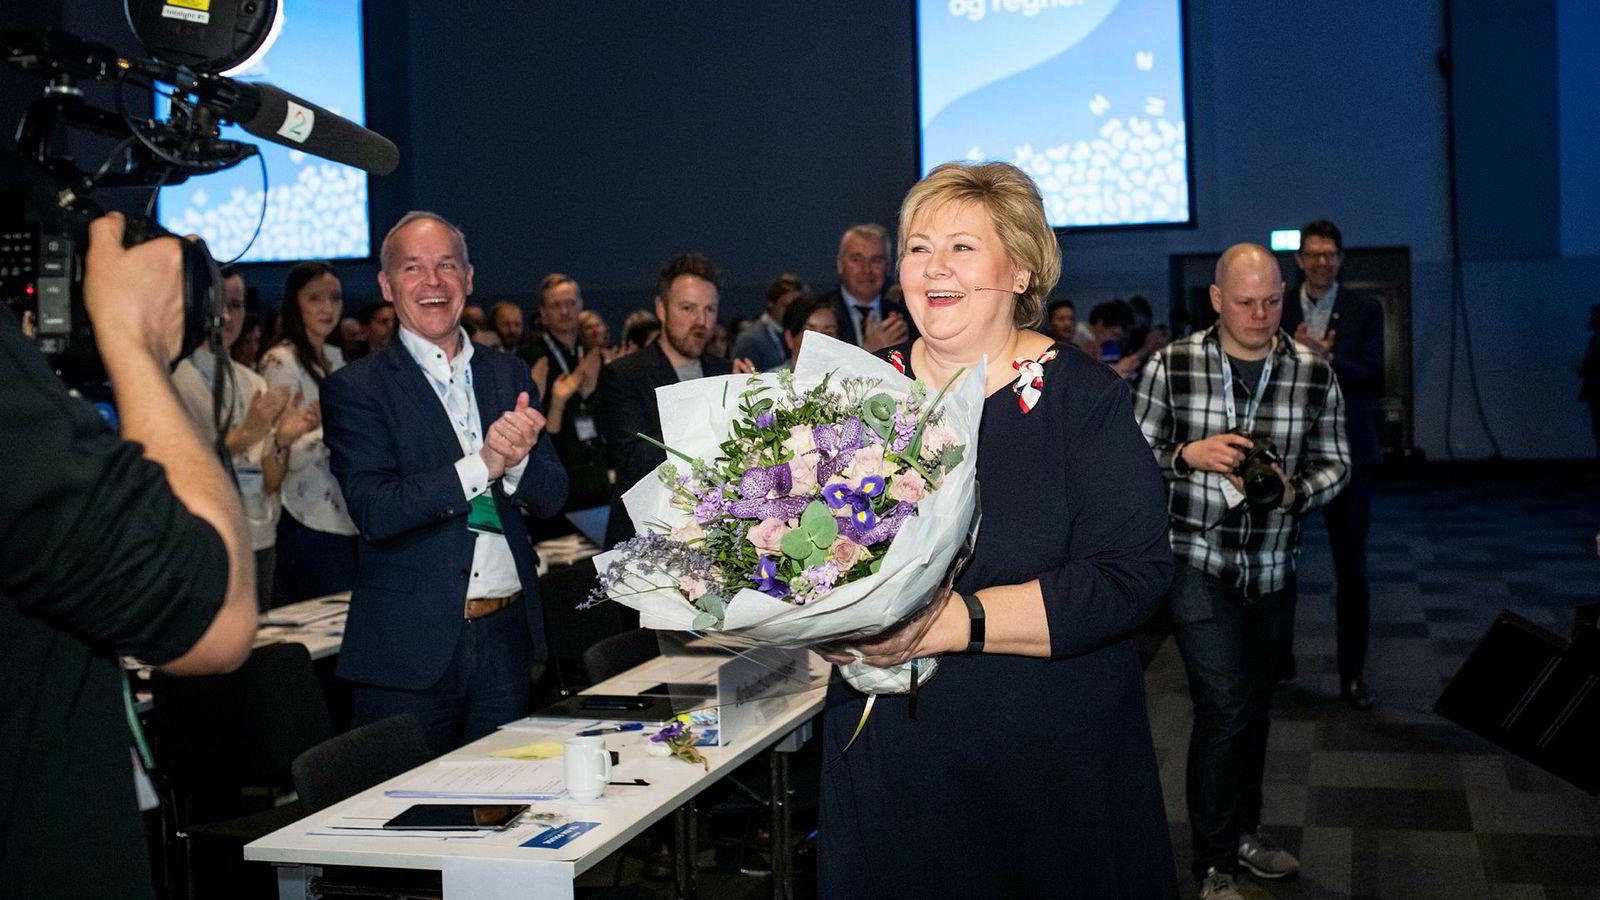 Høyre skal behandle nytt prinsipprogram i helgen. Her er partiets viktigst prinsipp med blomster etter at hun holdt sin landsmøtetale.